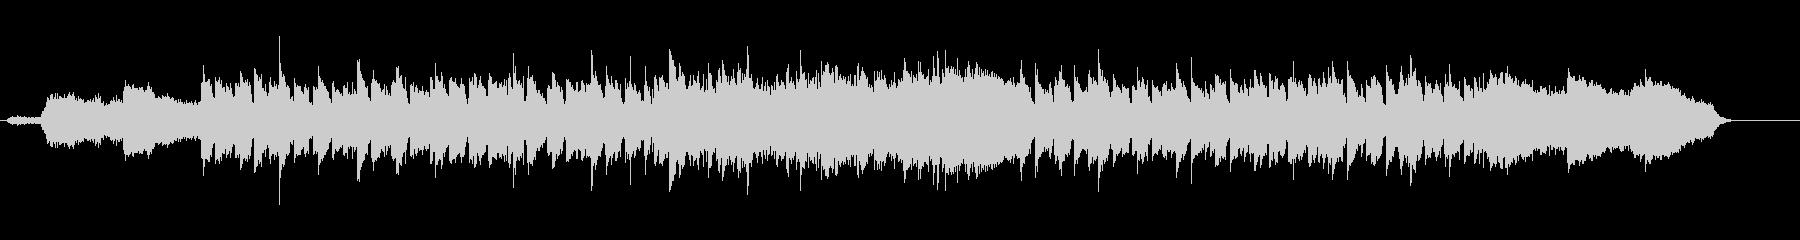 潤いのあるセンシティヴなラヴ・バラードの未再生の波形